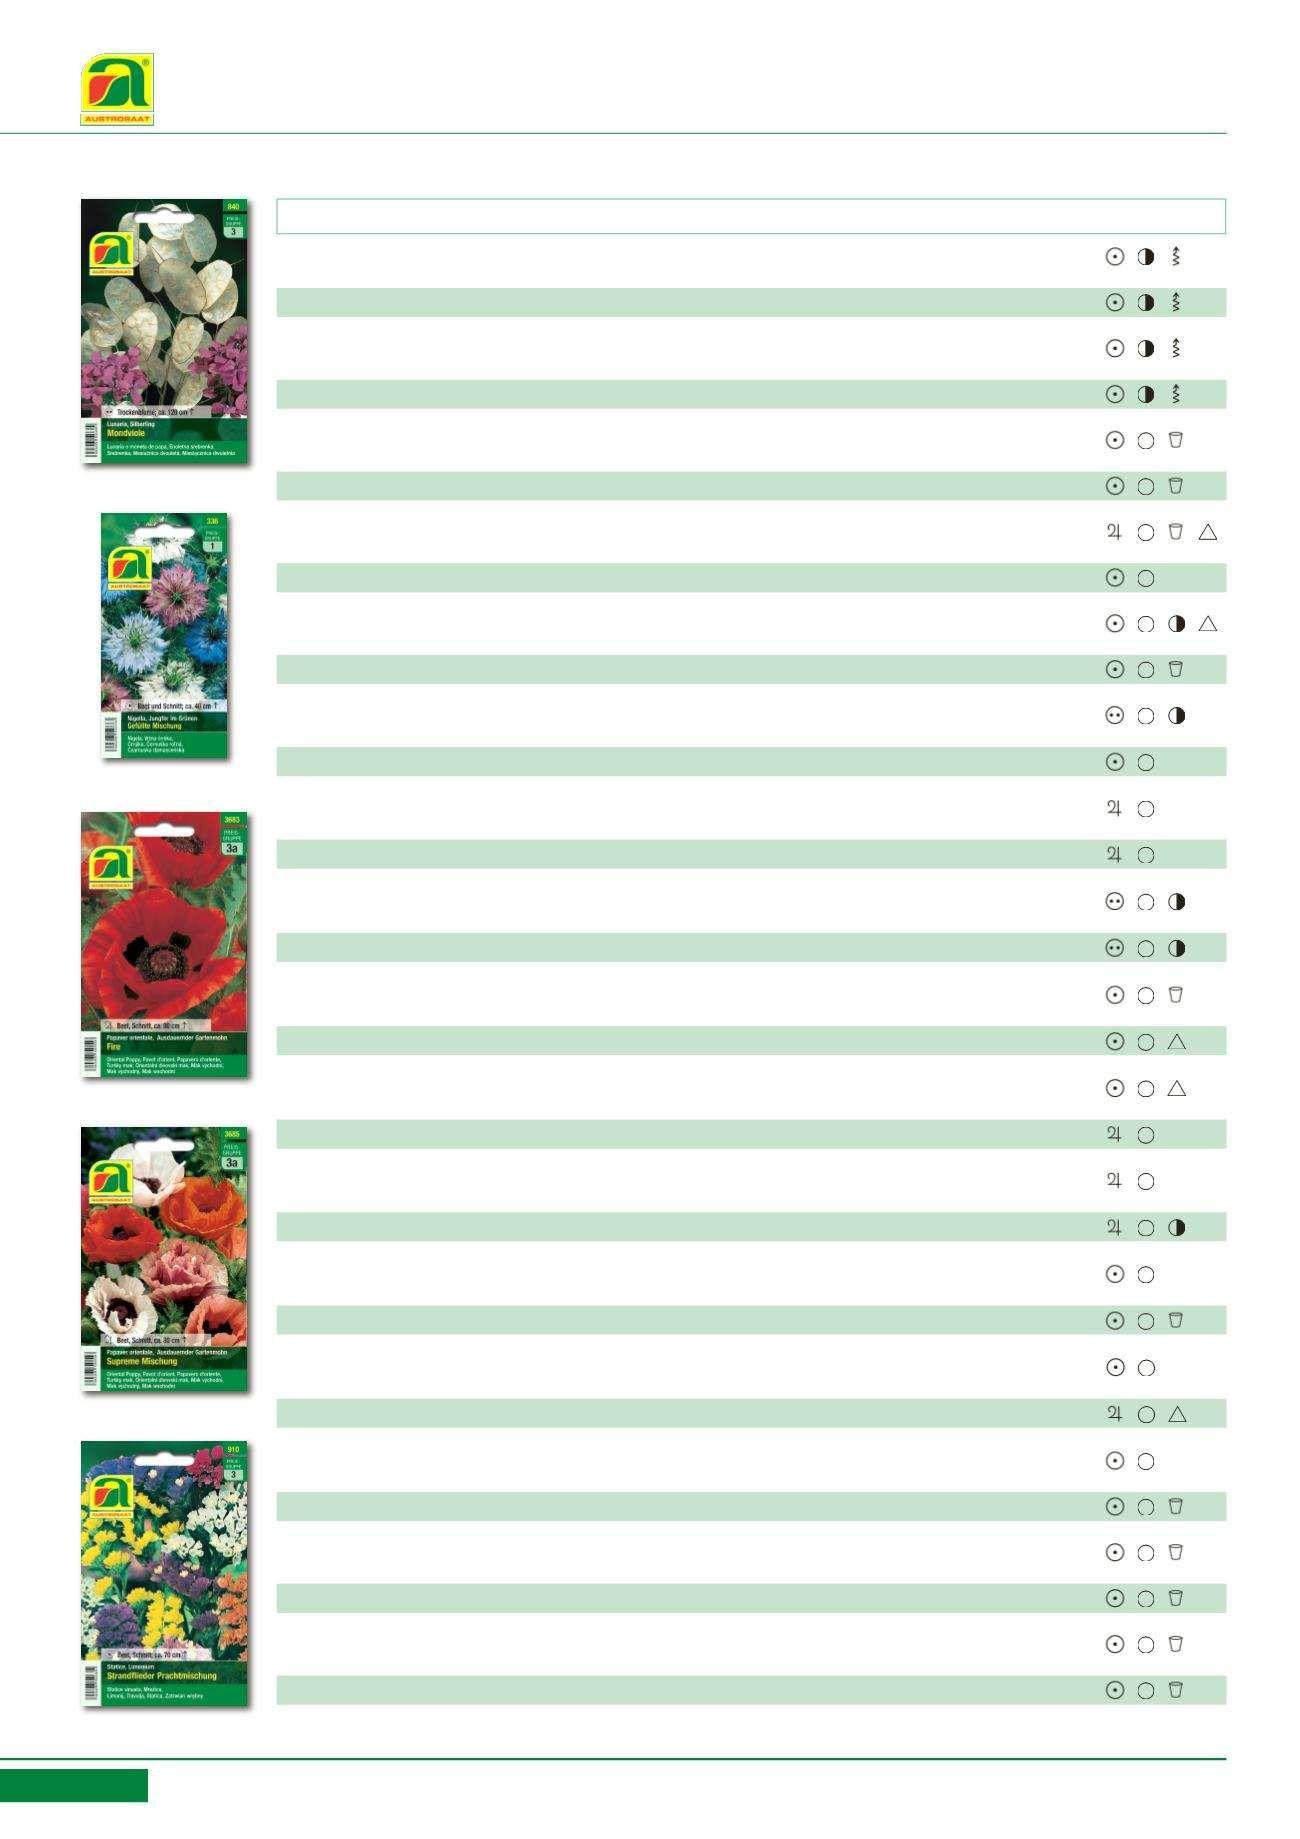 31 Luxus Garten Kataloge 2018 Garten Gallerie Ideen Country Door